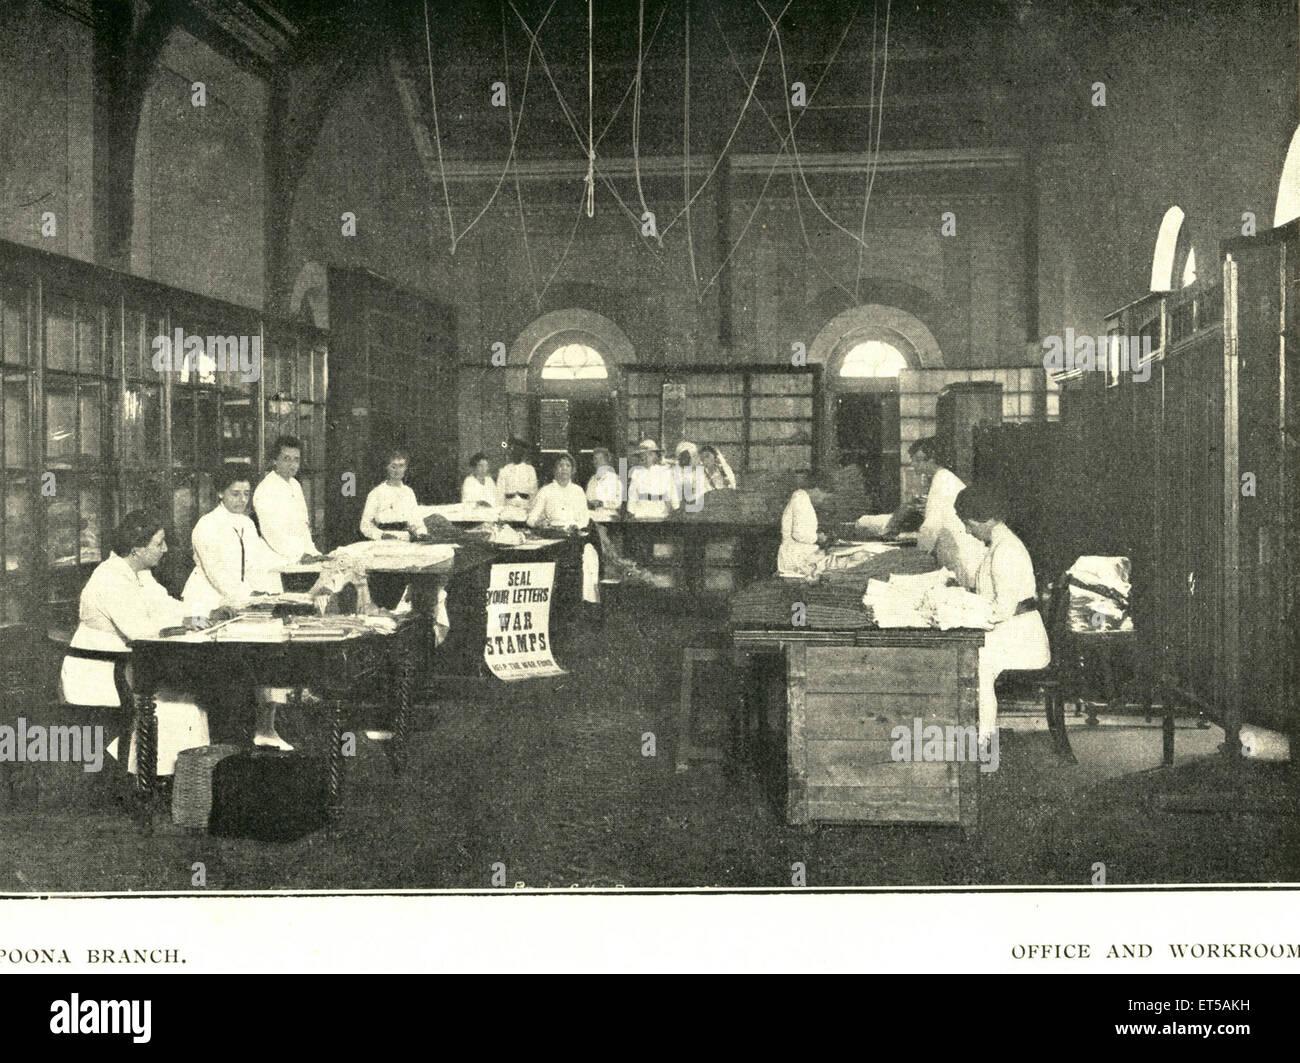 Lithographien, Poona Zweigstelle und Arbeitsraum; Pune; Maharashtra; Indien Stockbild